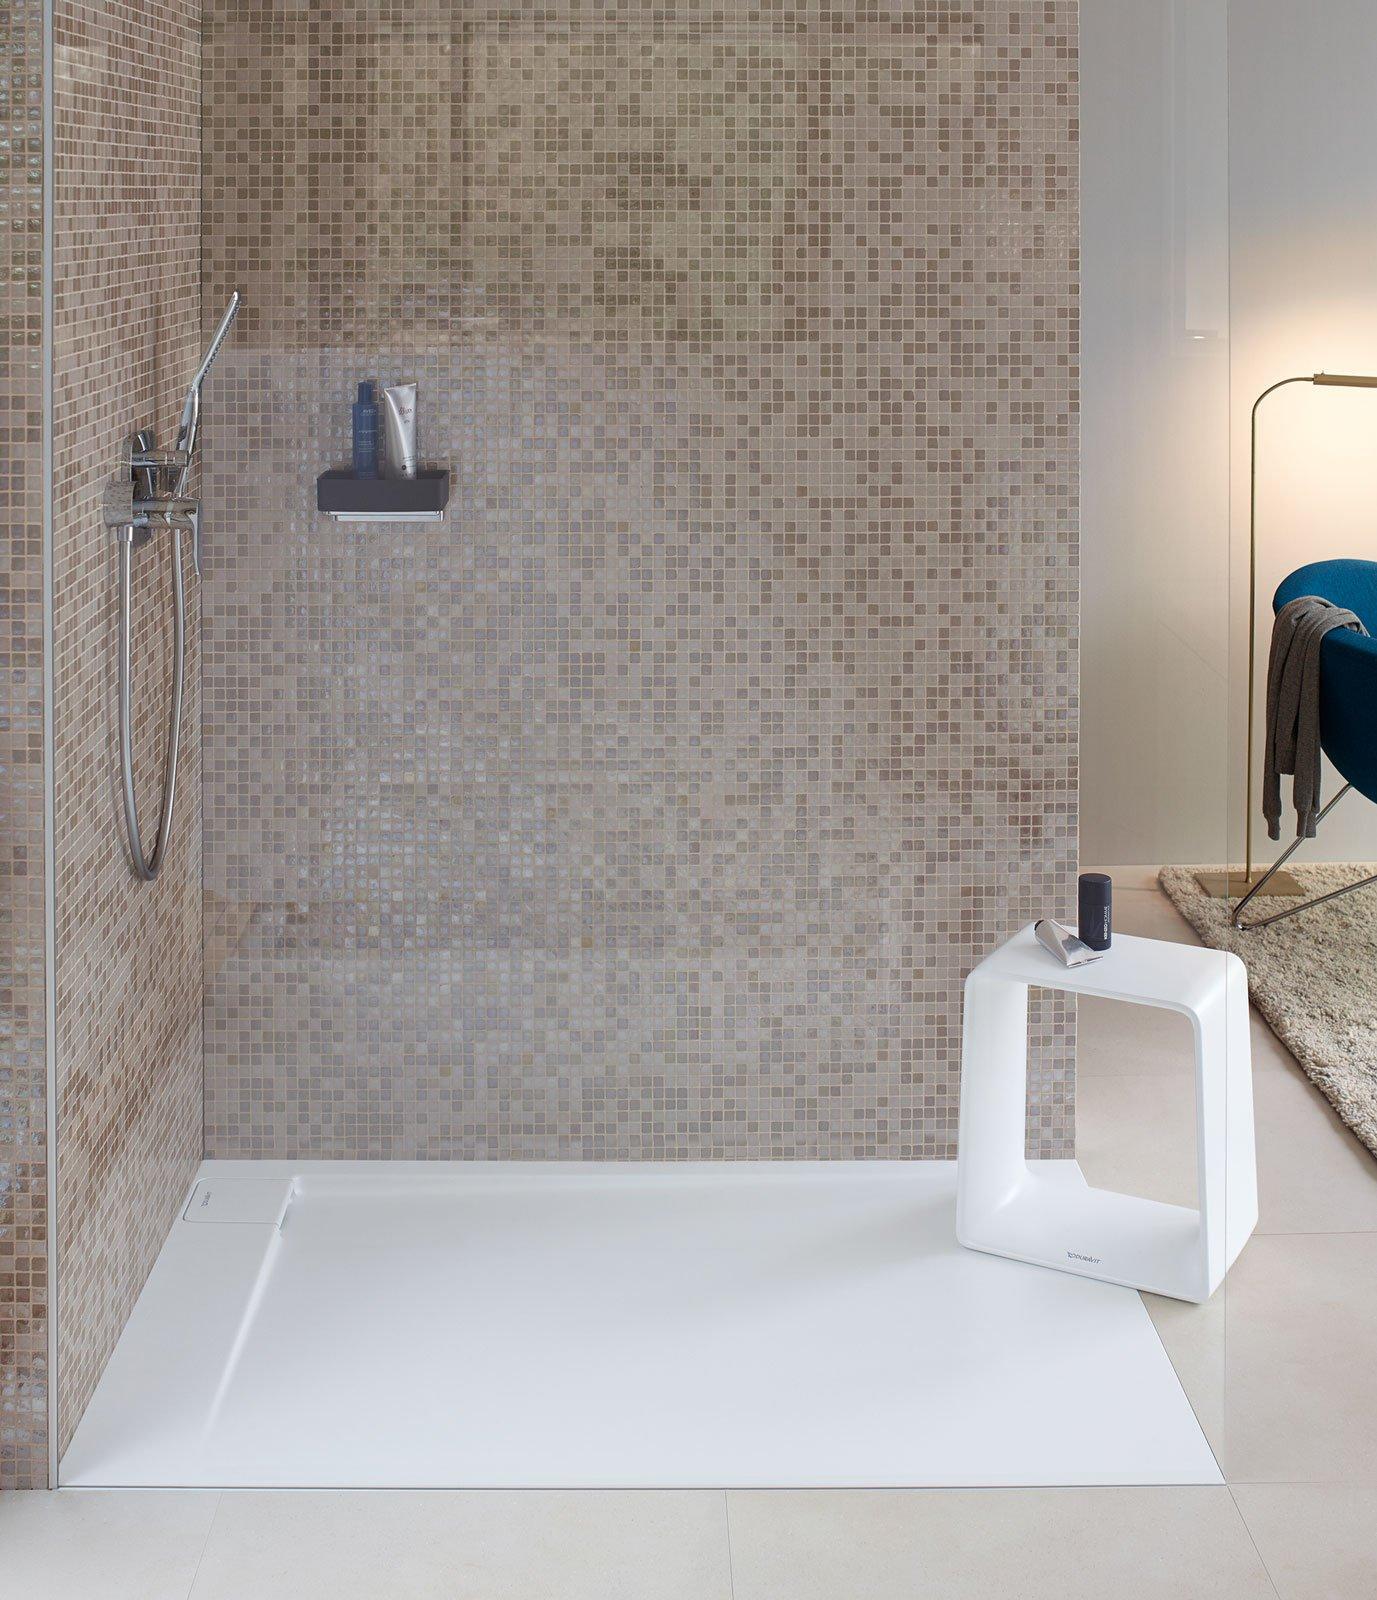 Piatti doccia a filo per un bagno trendy cose di casa - Impermeabilizzare fughe piastrelle doccia ...